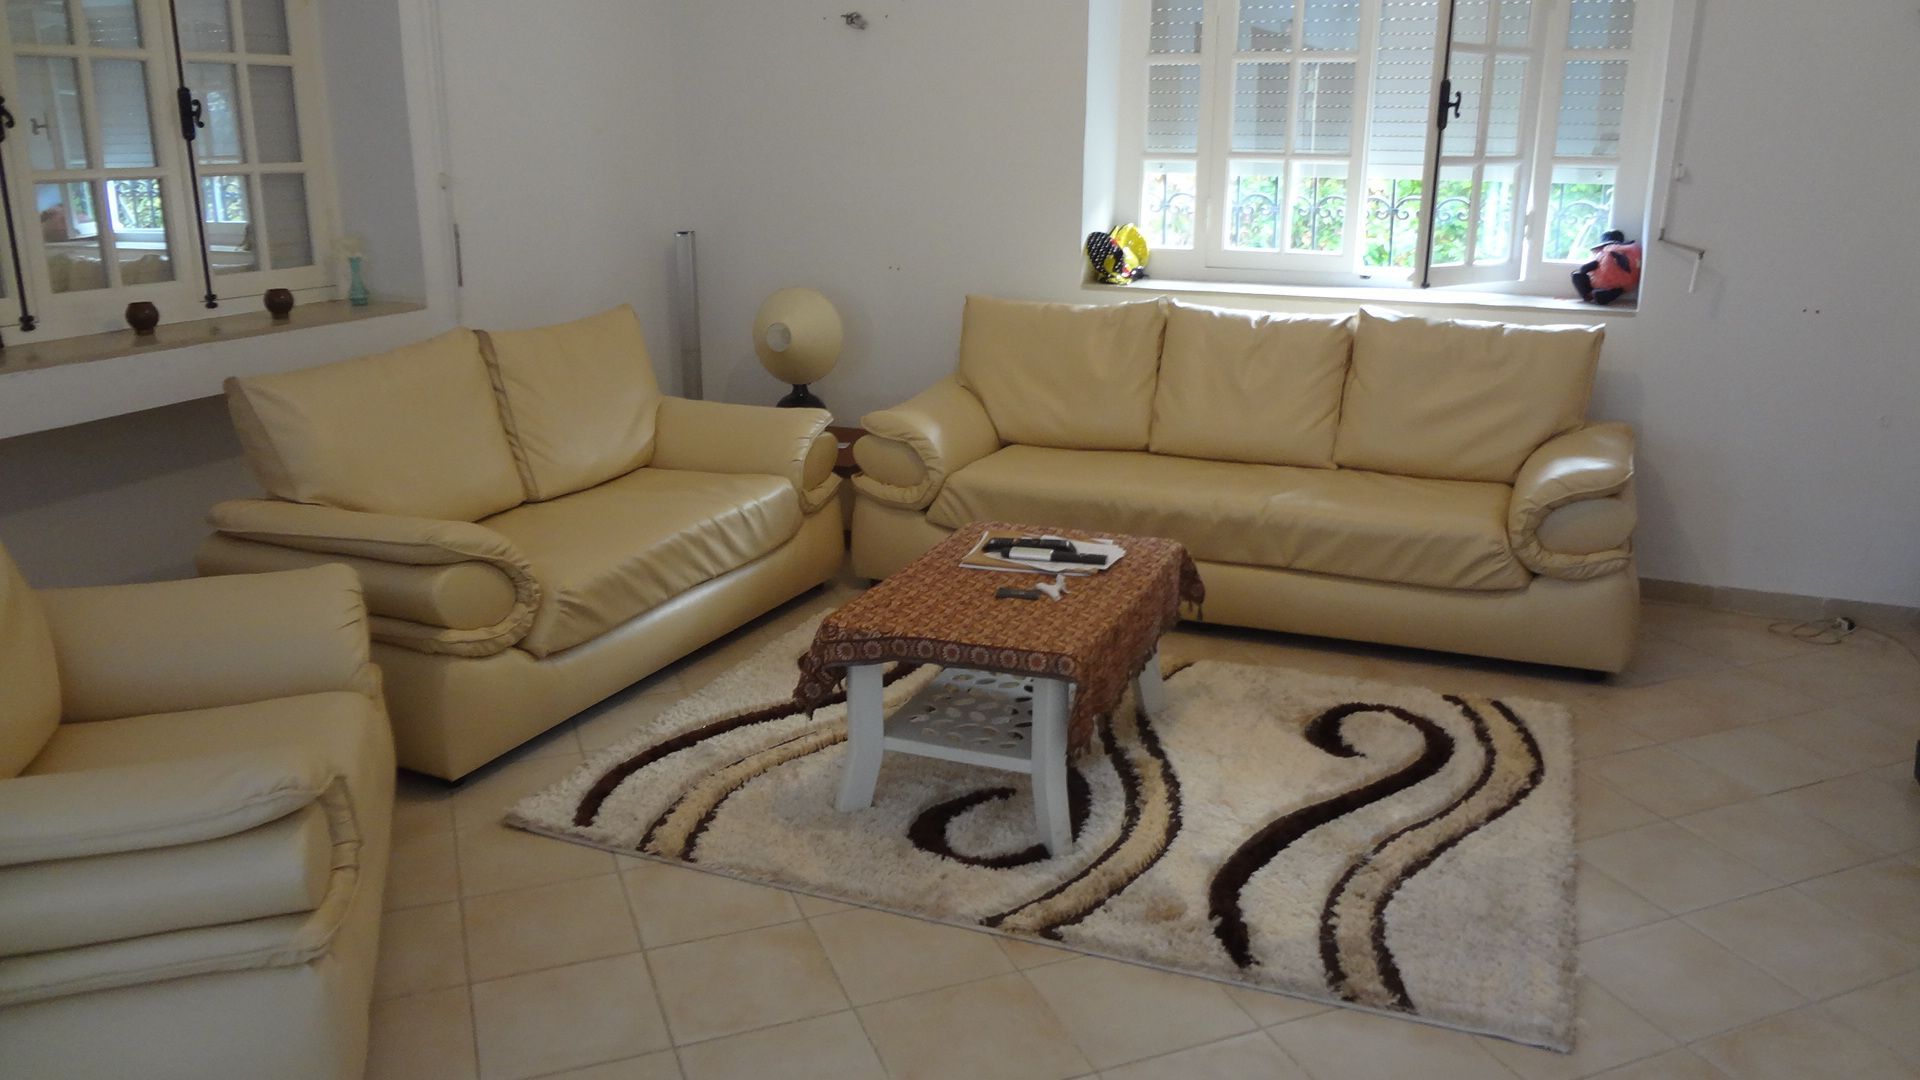 une belle maison meubl louer pour les tudiants sahloul location maison sahloul. Black Bedroom Furniture Sets. Home Design Ideas